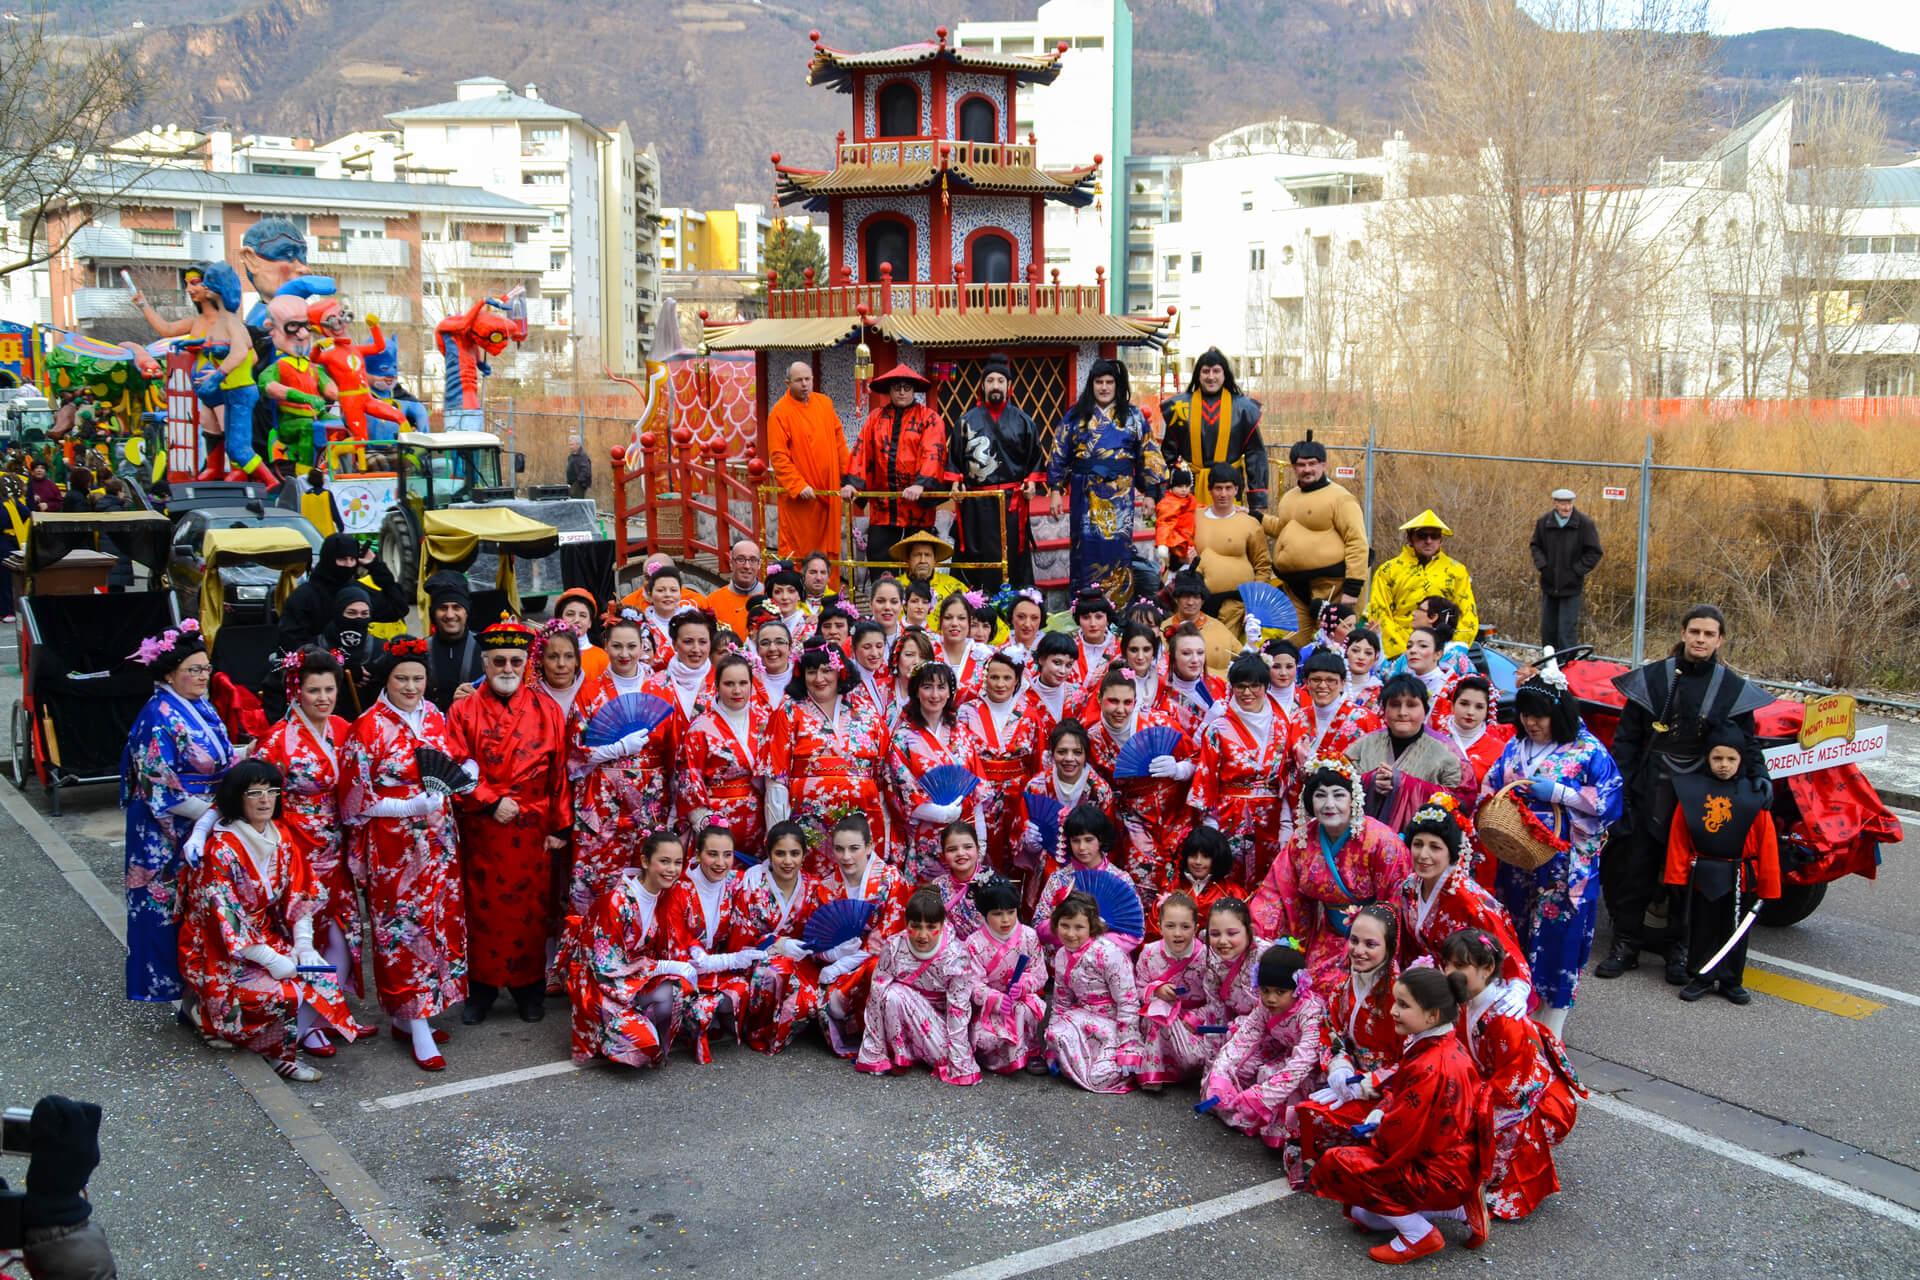 Oriente Misterioso 2013 Gruppo Carnevalesco